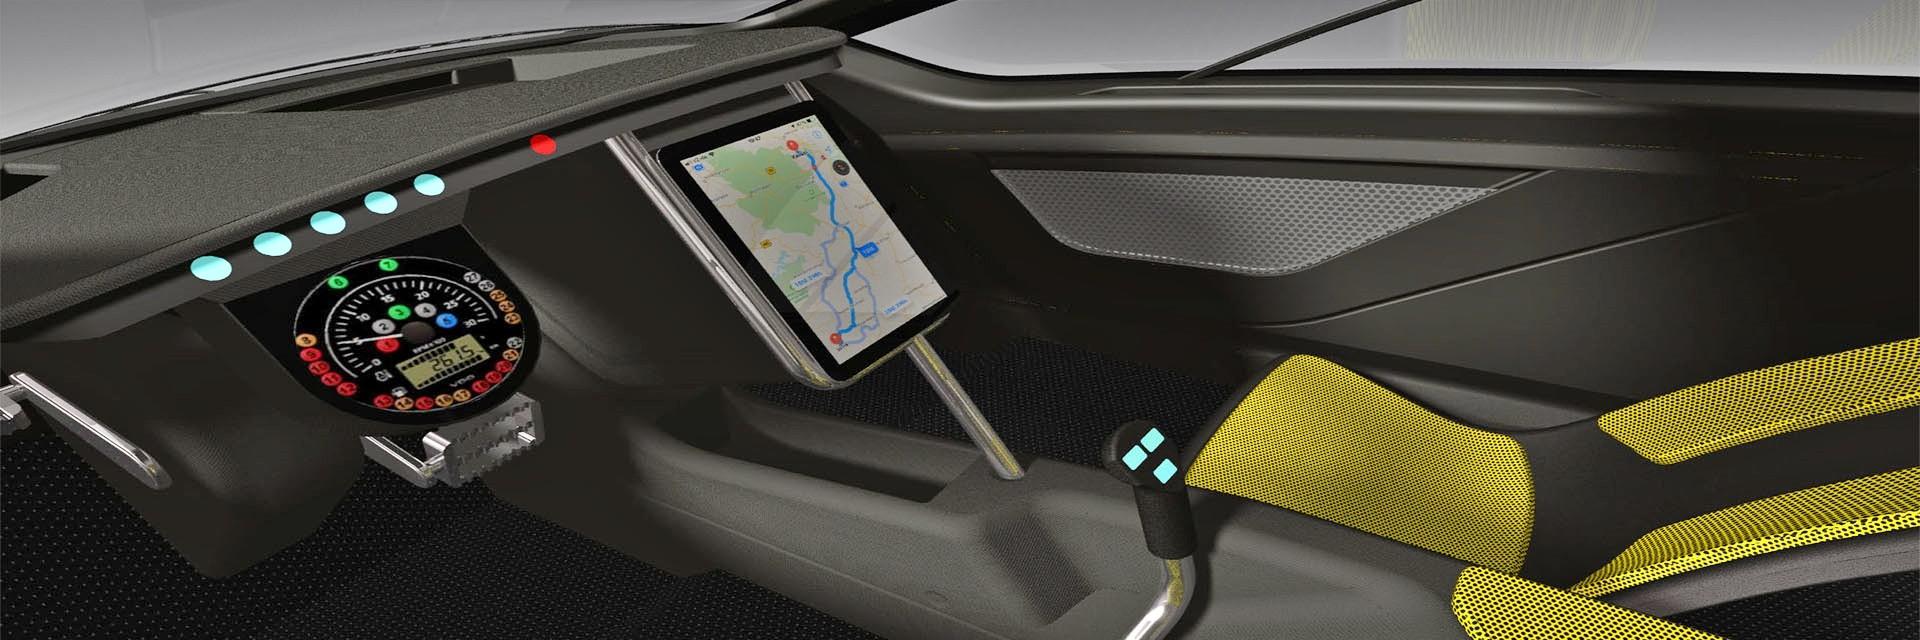 Педальный гибрид Twike 5 — для богатых любителей потеть на скорости 200 км/ч